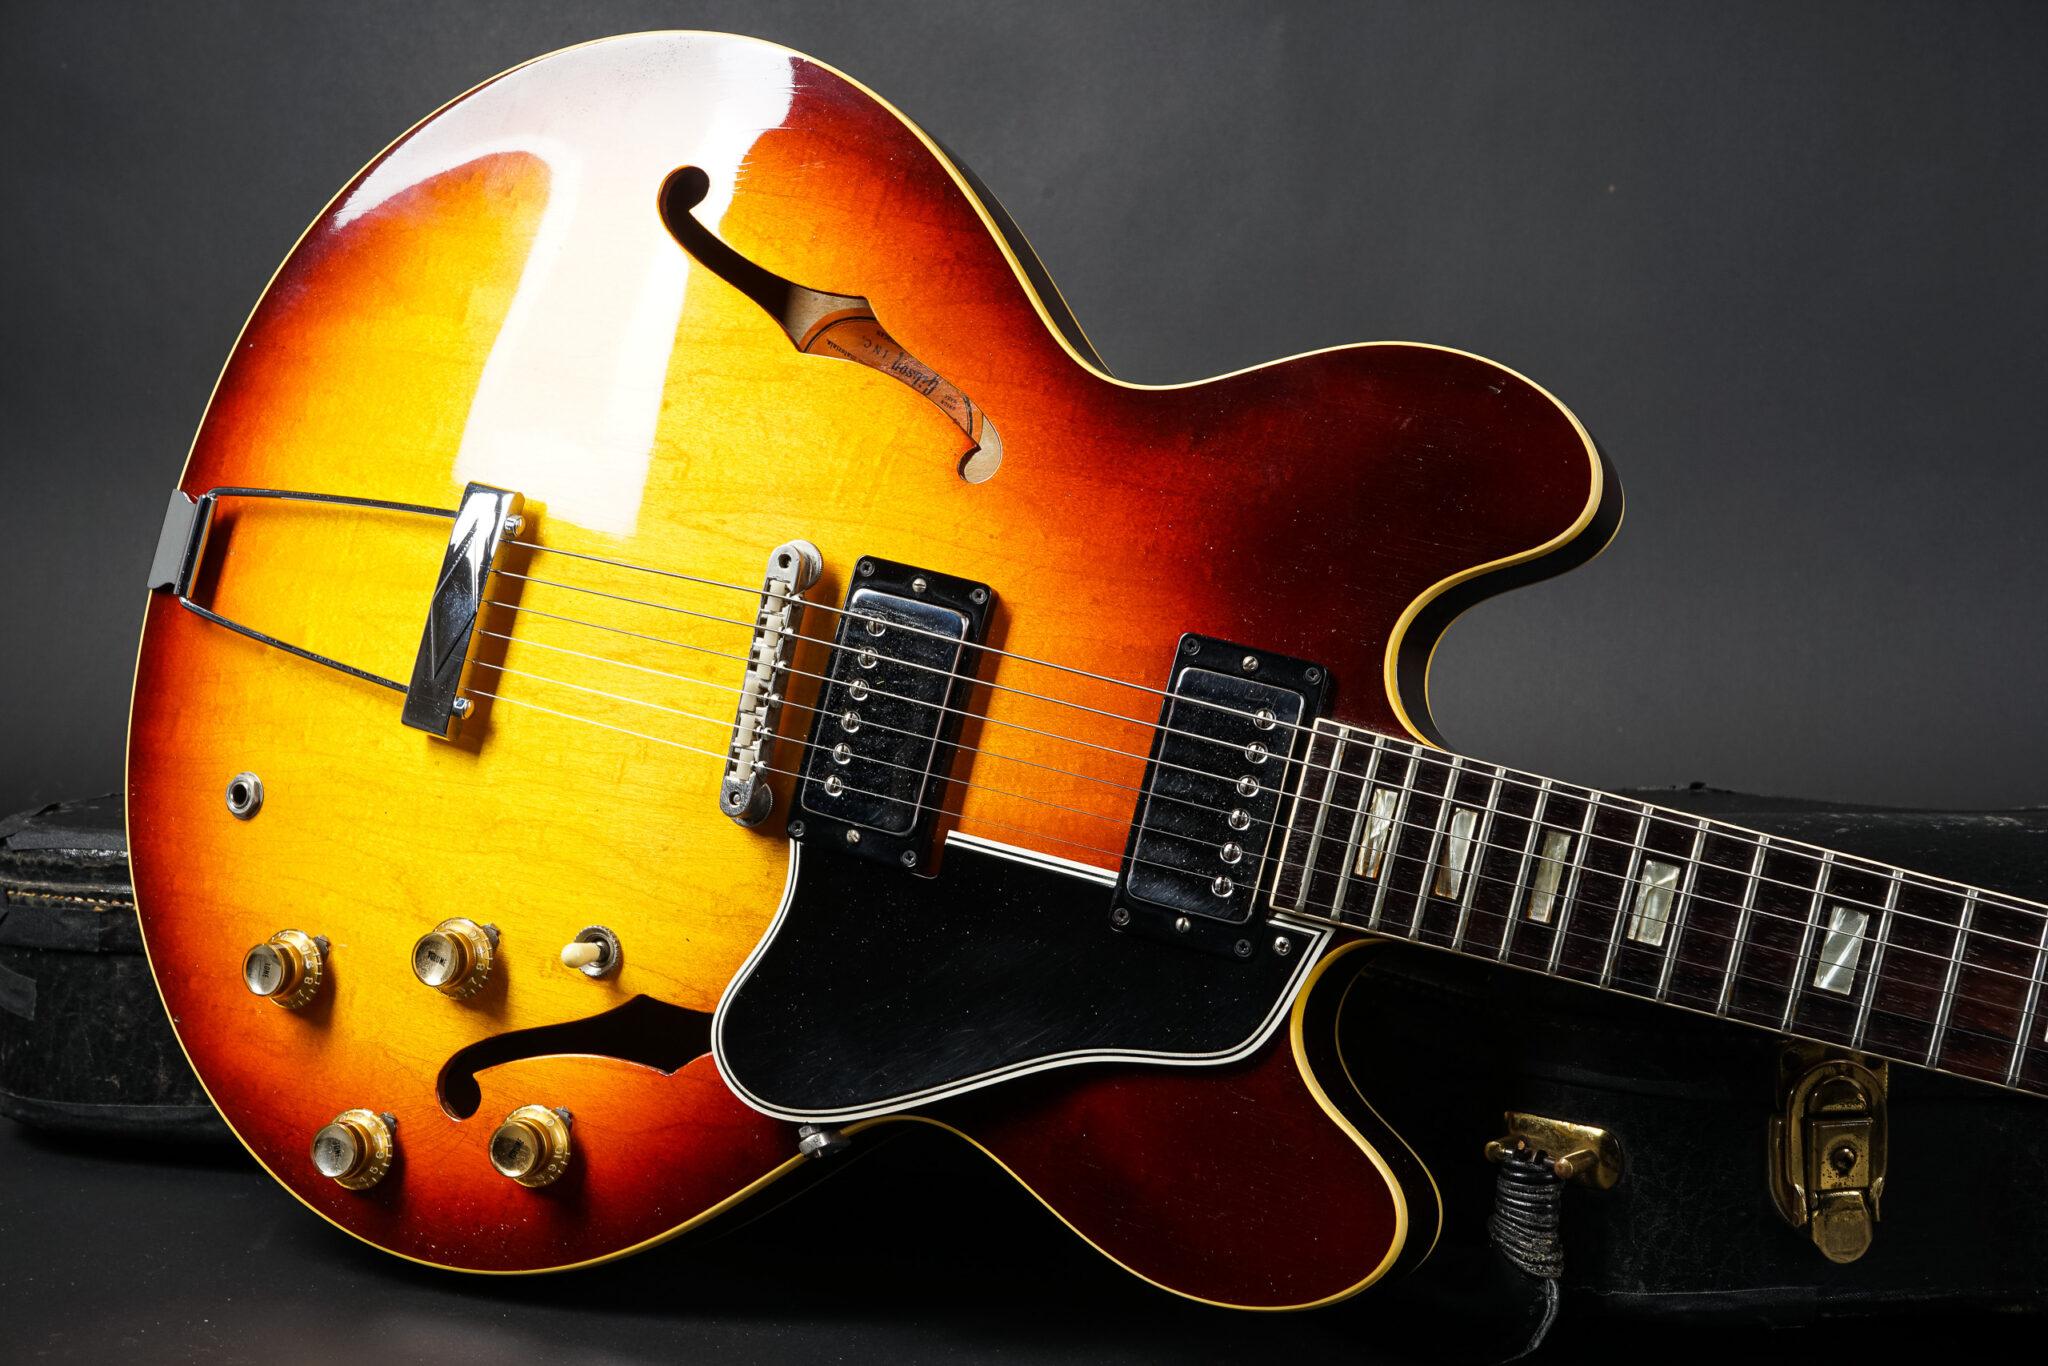 https://guitarpoint.de/app/uploads/products/1965-gibson-es-335-td-sunburst-excellent/1965-Gibson-ES335TD-332208-8-2048x1366.jpg